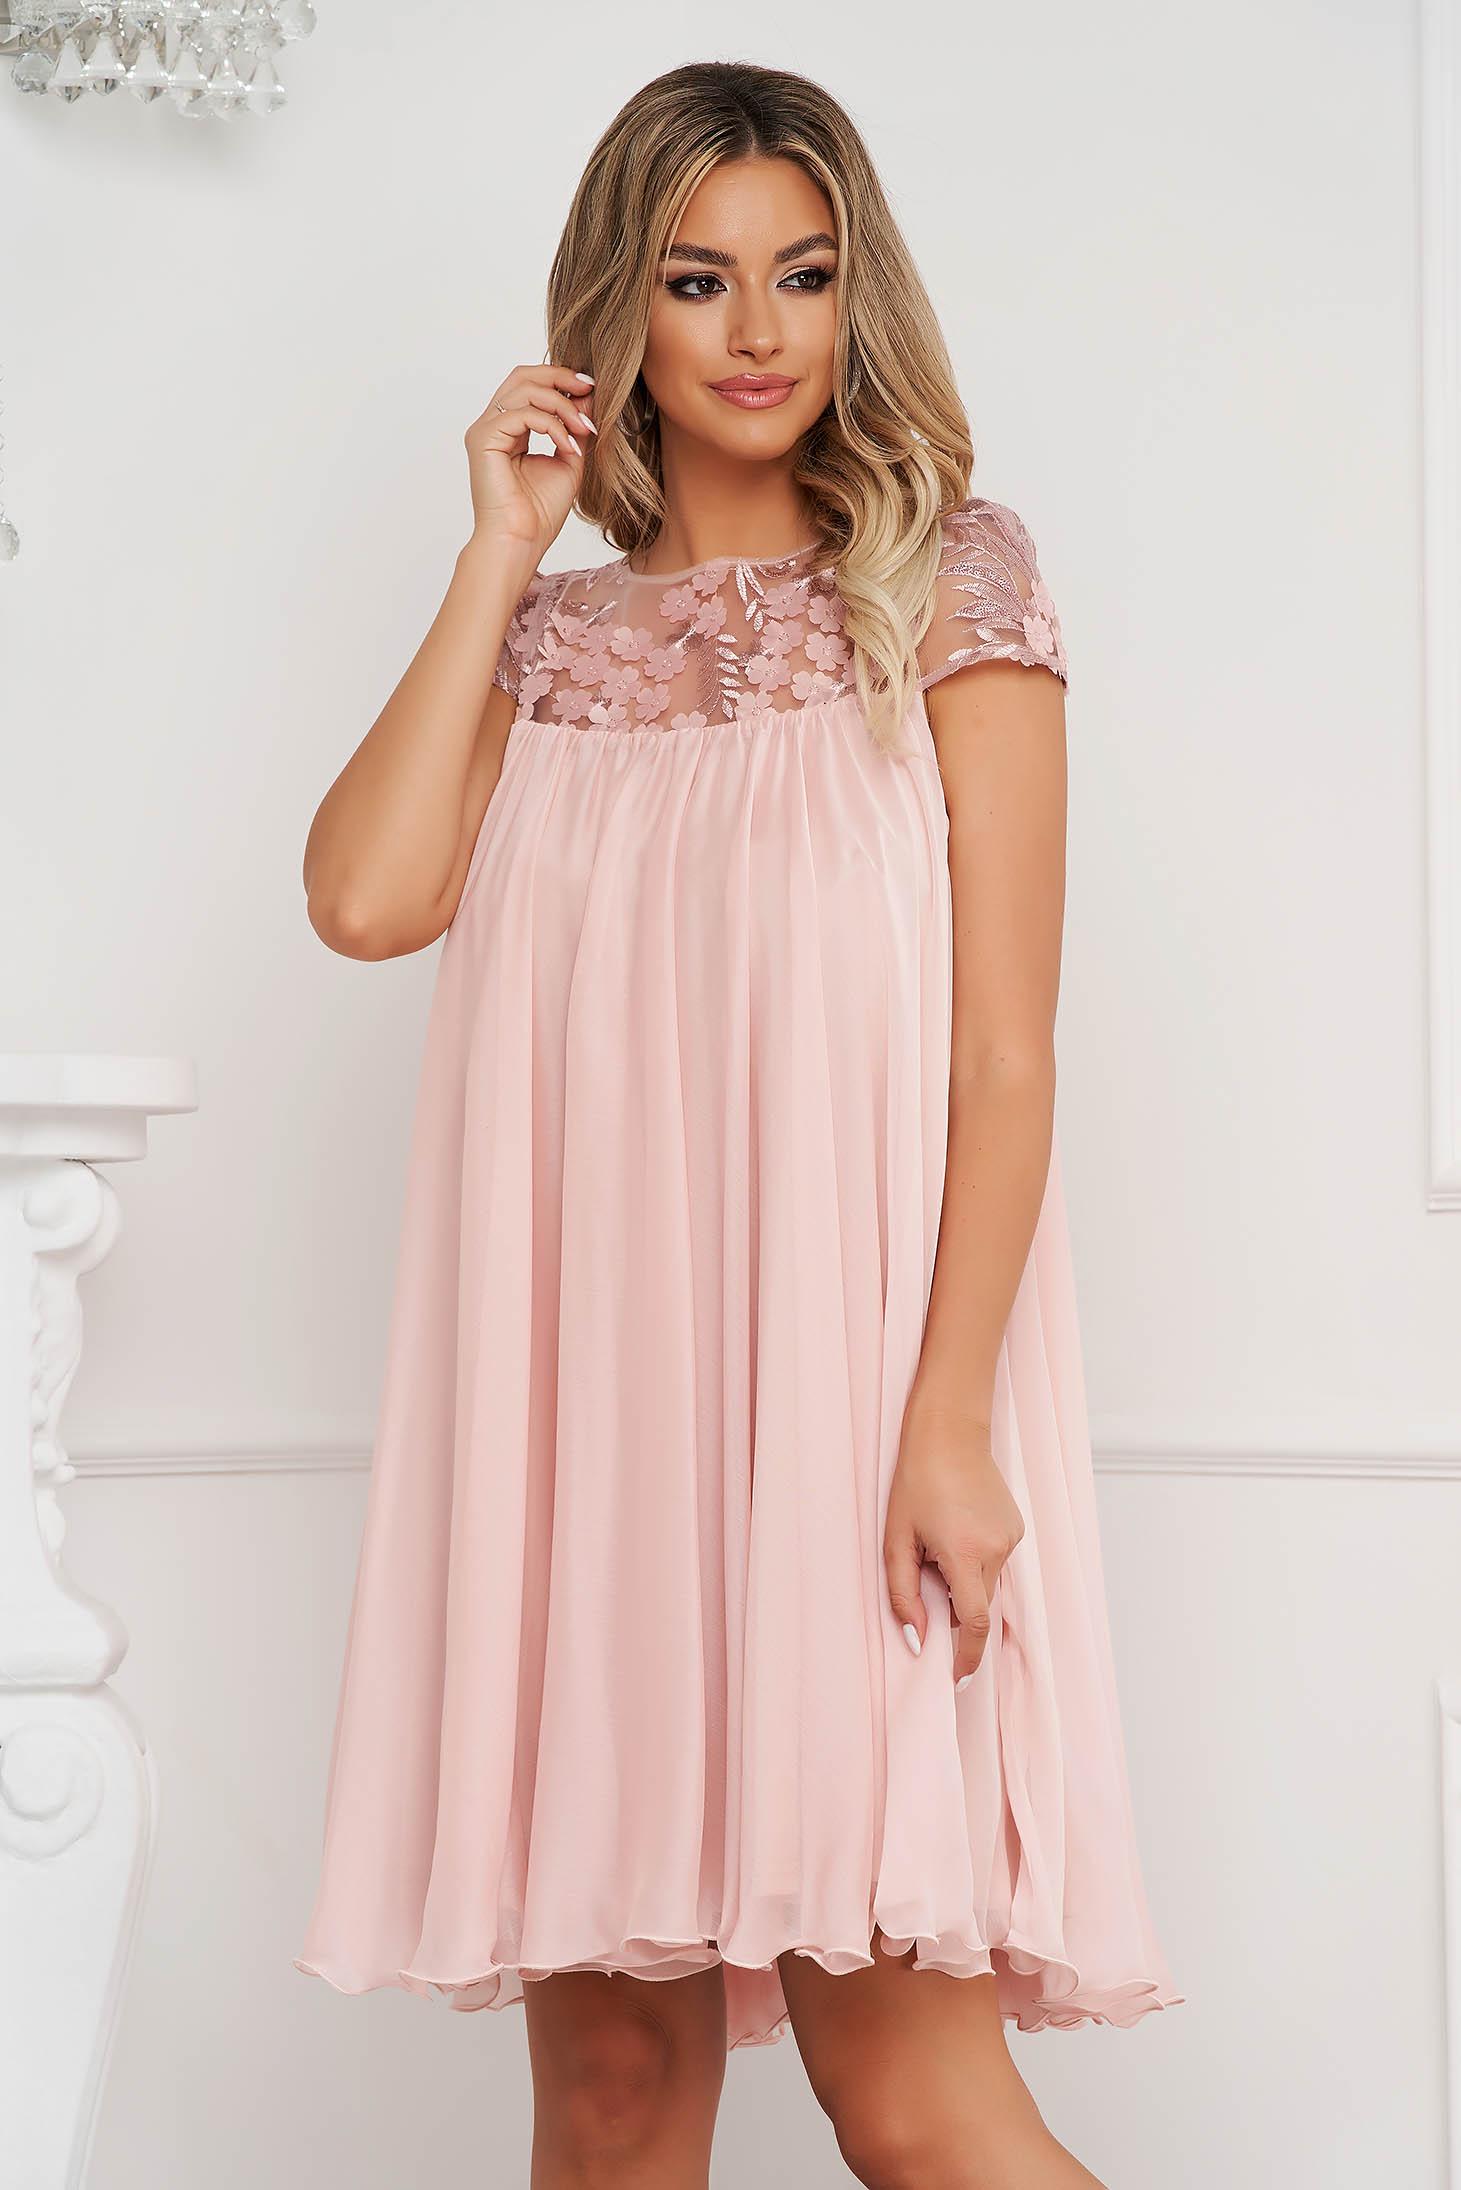 Alkalmi bő szabású rövid muszlin világos rózsaszínű ruha csipke díszítéssel